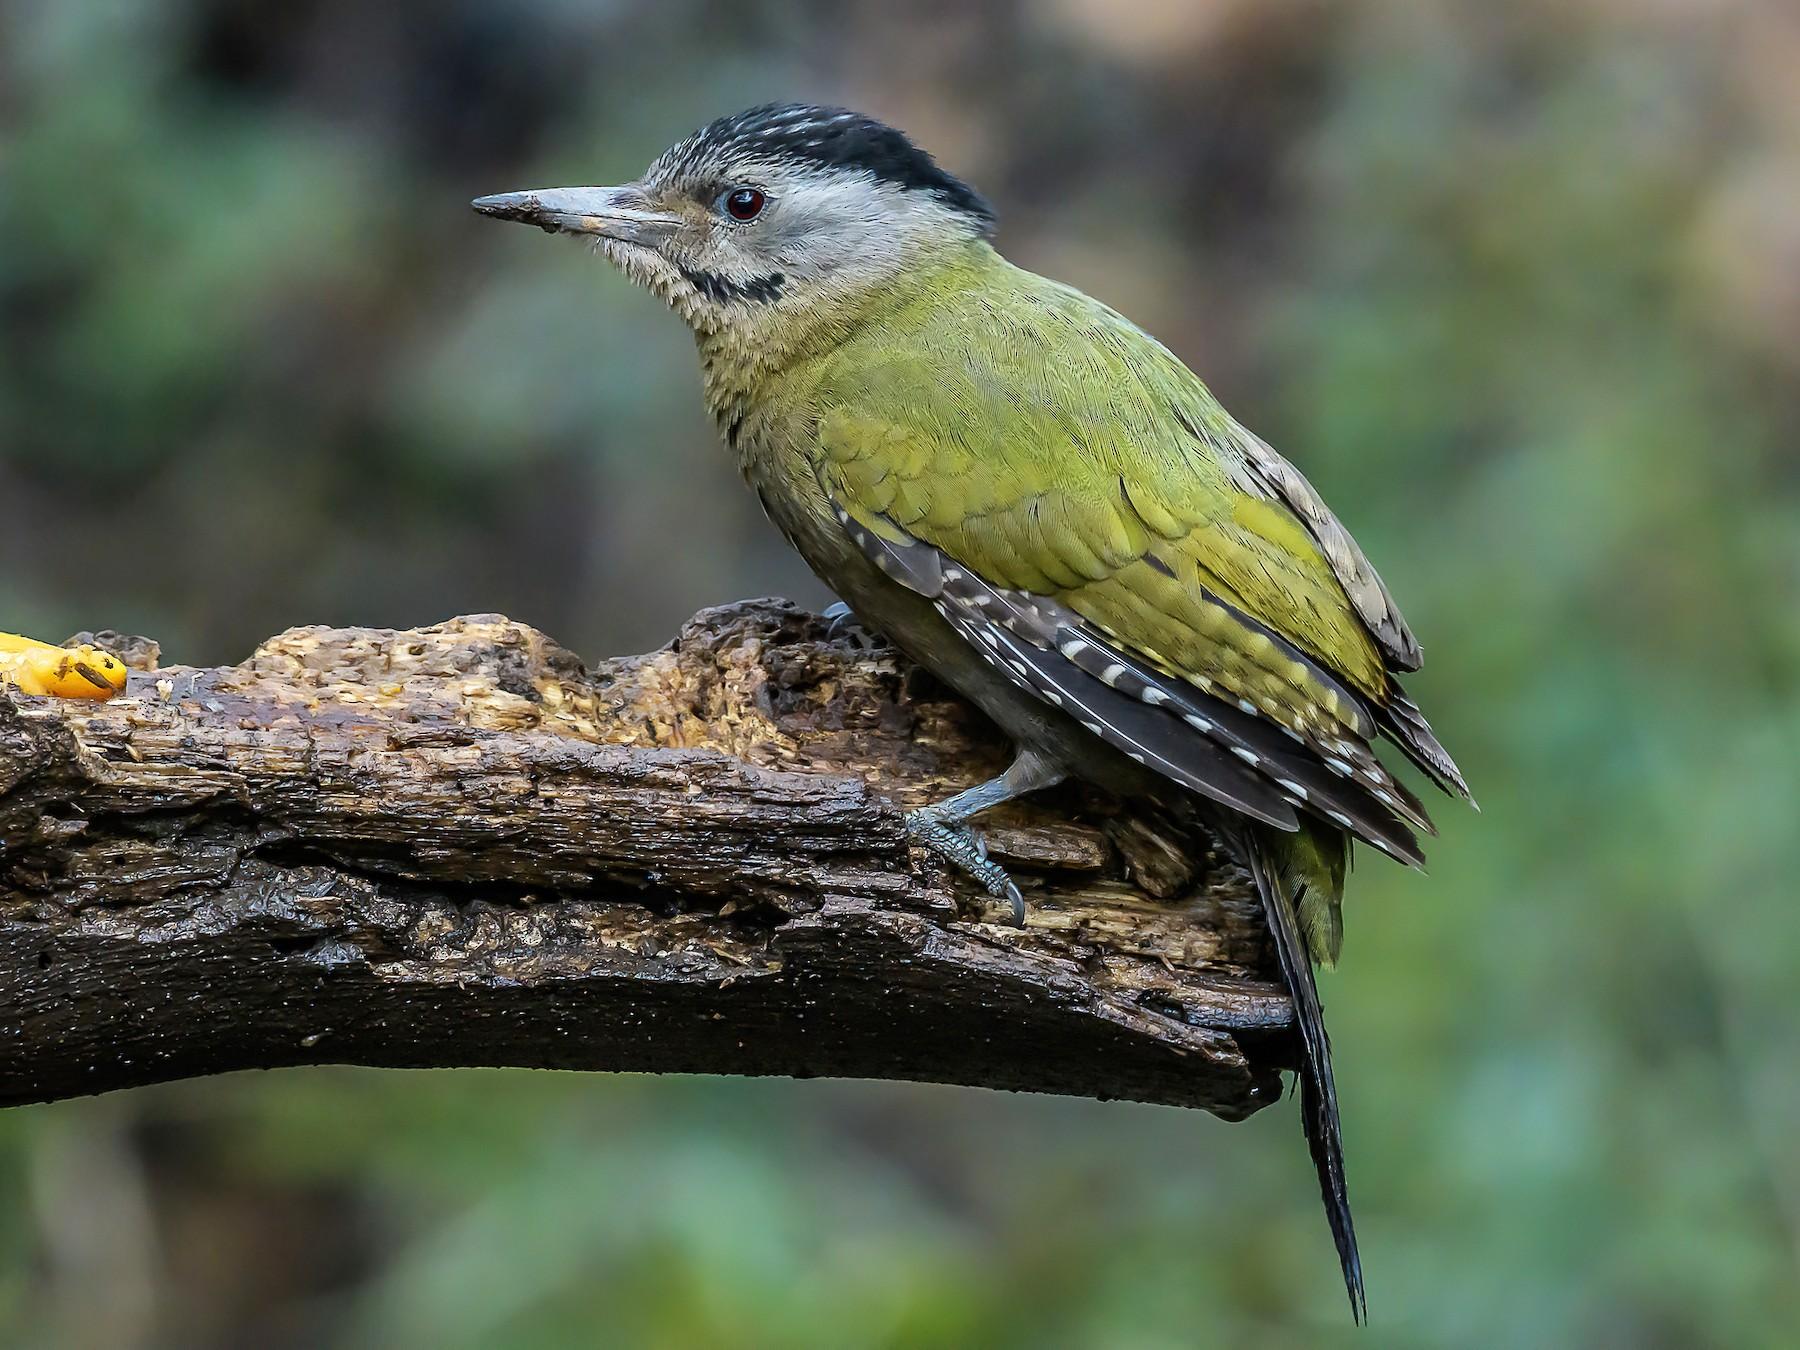 Gray-headed Woodpecker - Nitin Chandra